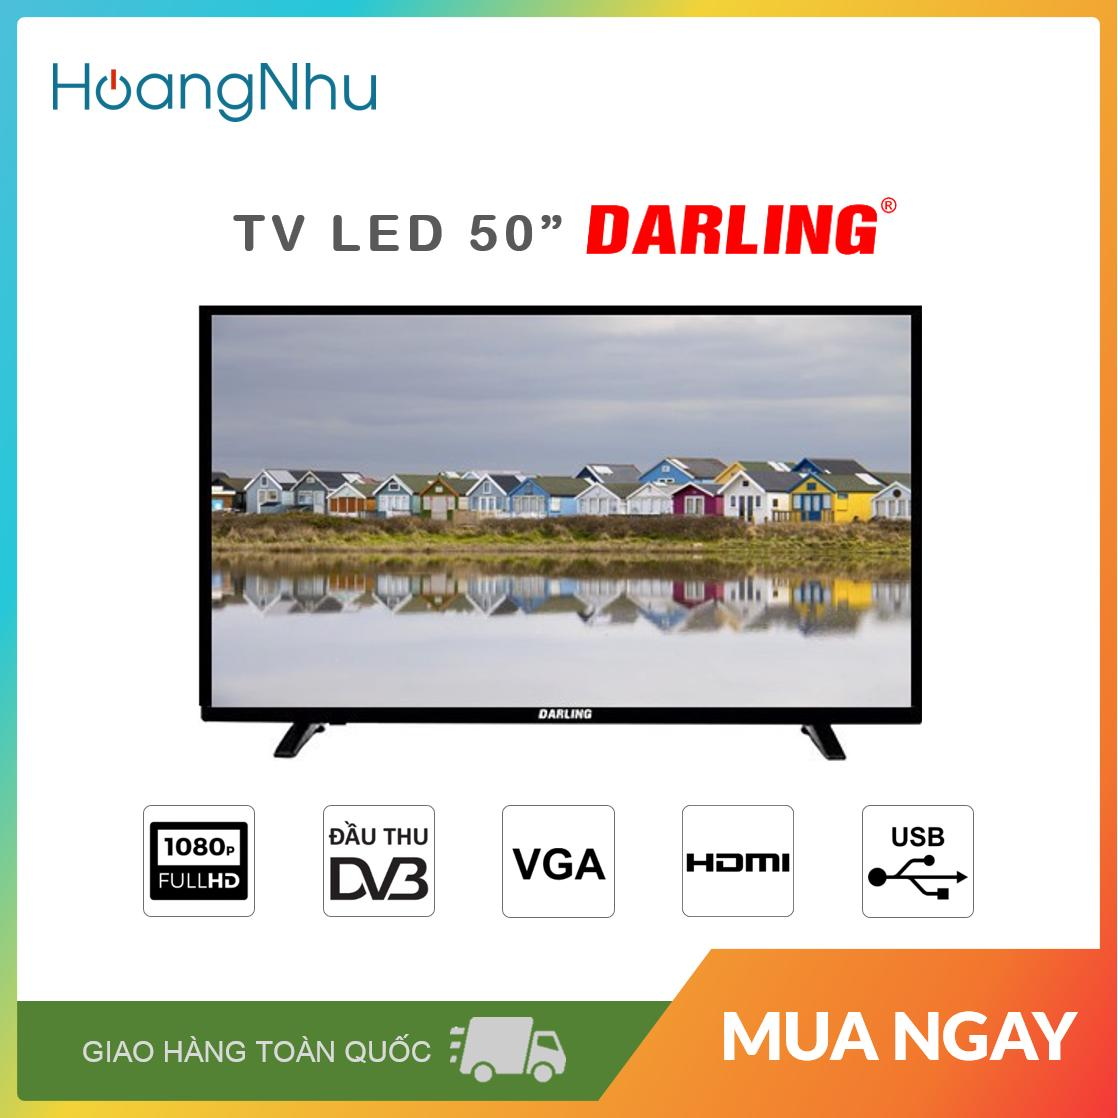 Bảng giá TV LED Darling 50 inch 50HD955T2 (Full HD, truyền hình KTS) - Bảo hành toàn quốc 2 năm